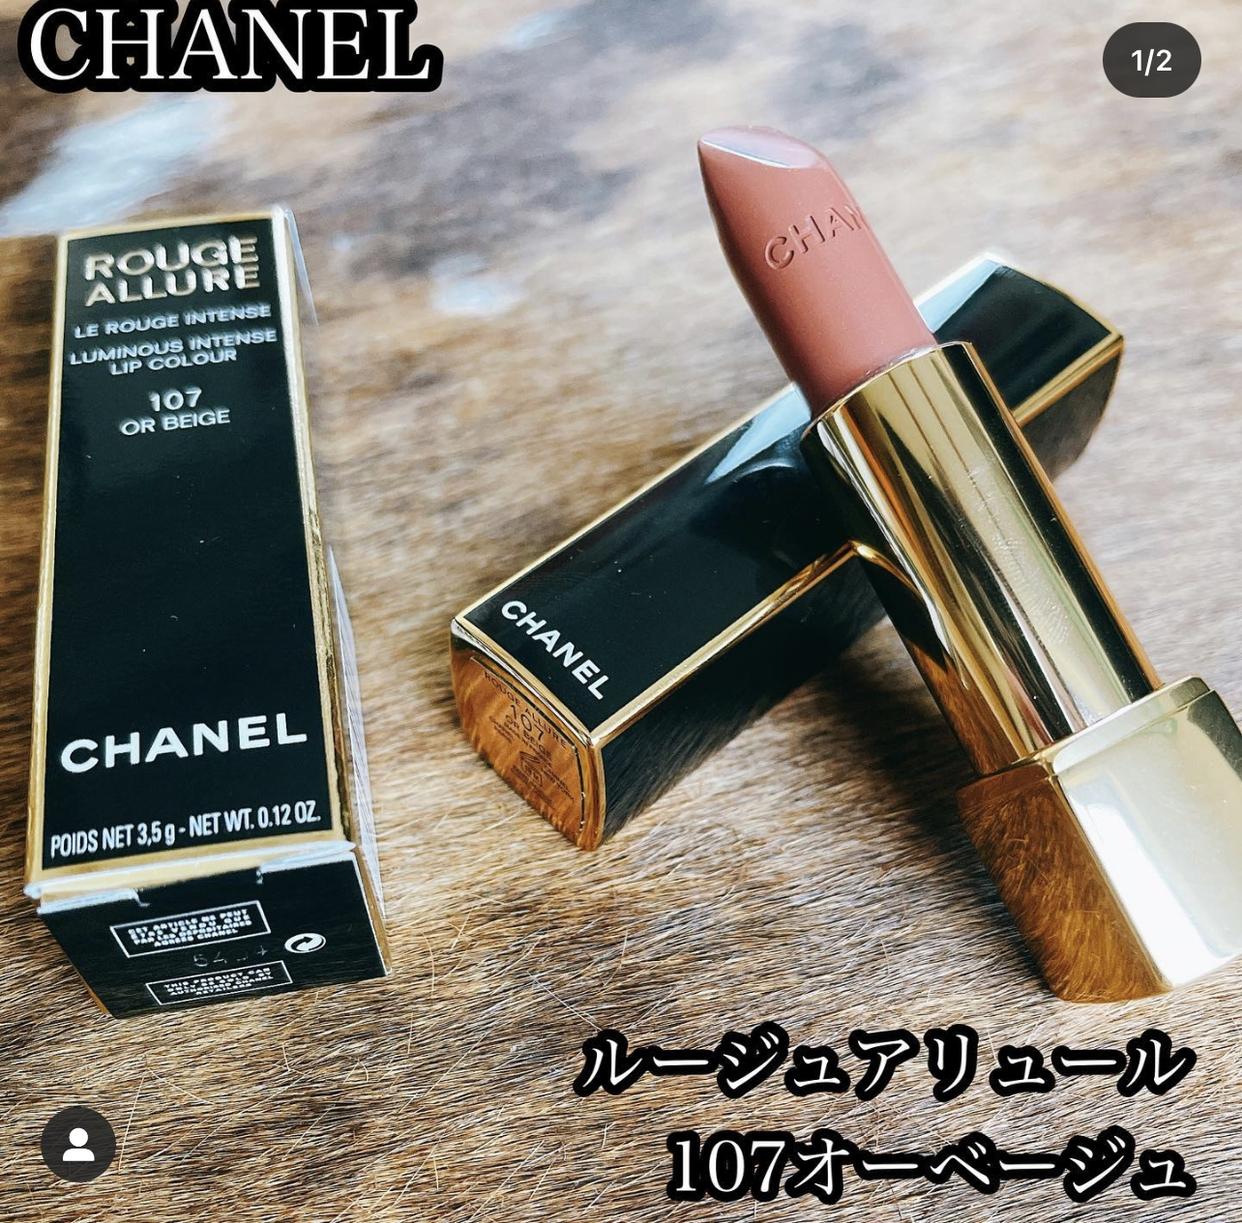 CHANEL(シャネル)ルージュ アリュールを使ったchamaru222さんのクチコミ画像1